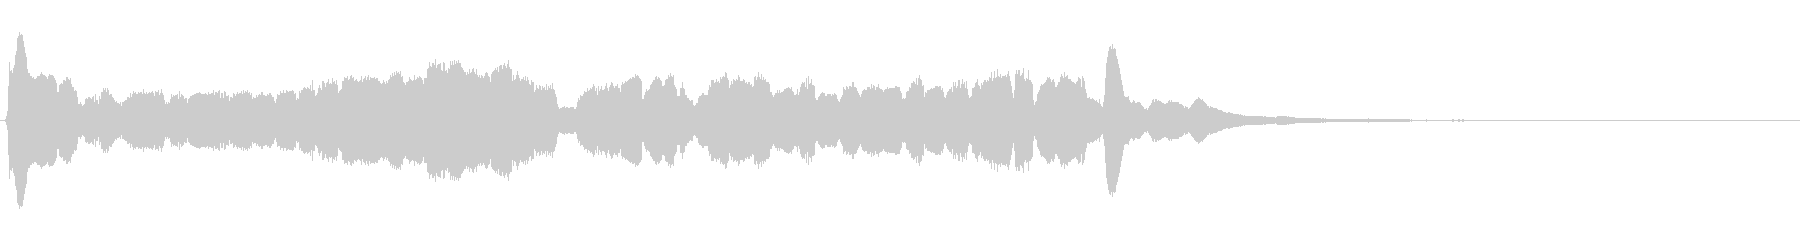 左右に振るようなキラキラエフェクト音の未再生の波形